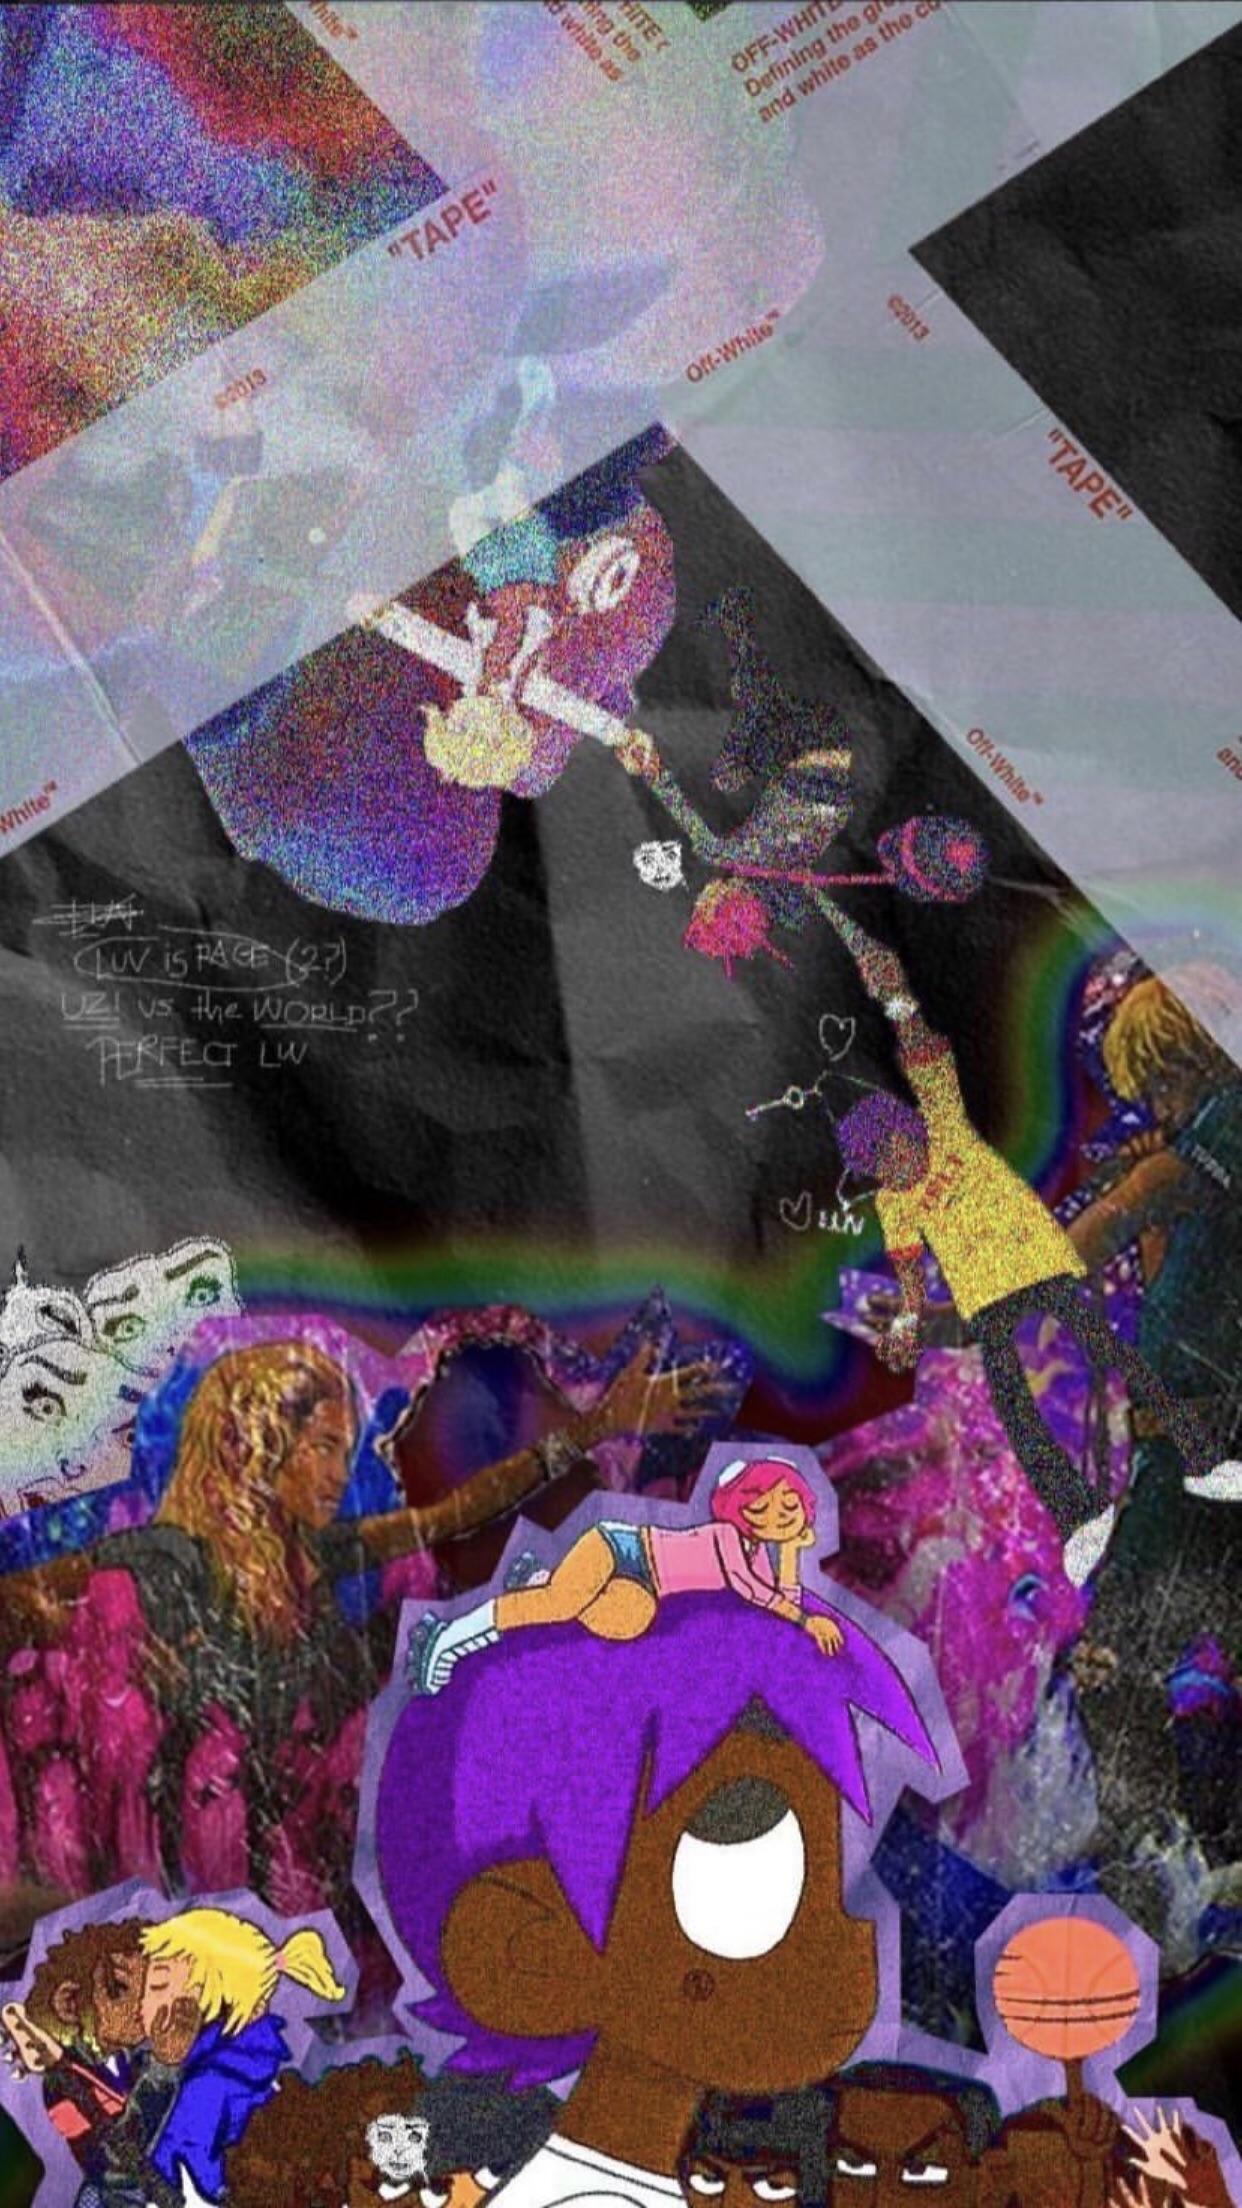 Lil Uzi Vert Vs The World 2 Wallpapers Top Free Lil Uzi Vert Vs